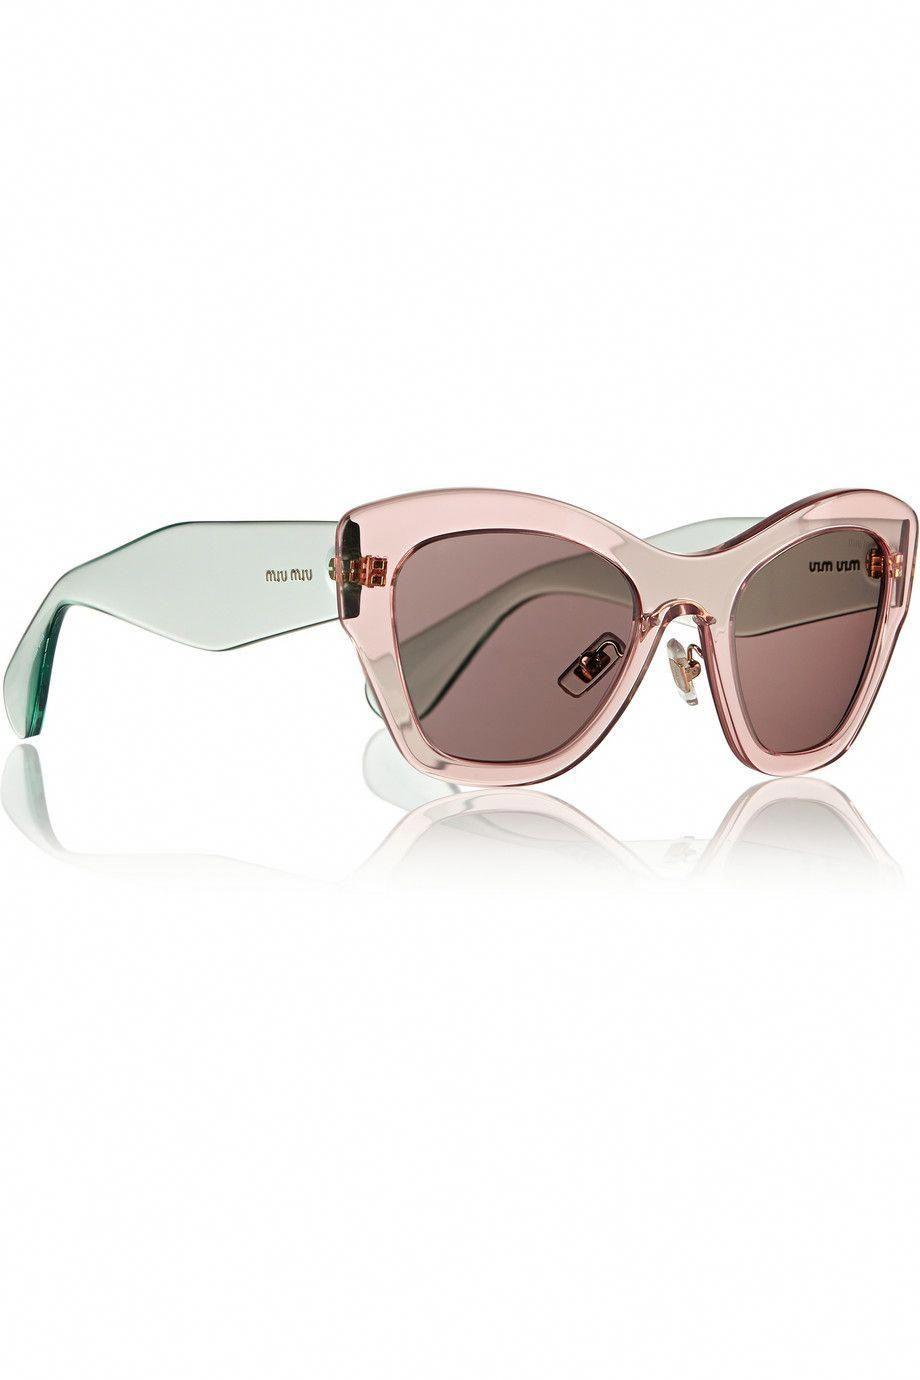 Miu Miu Two Tone Cat Eye Acetate Sunglasses Net A Porter Com